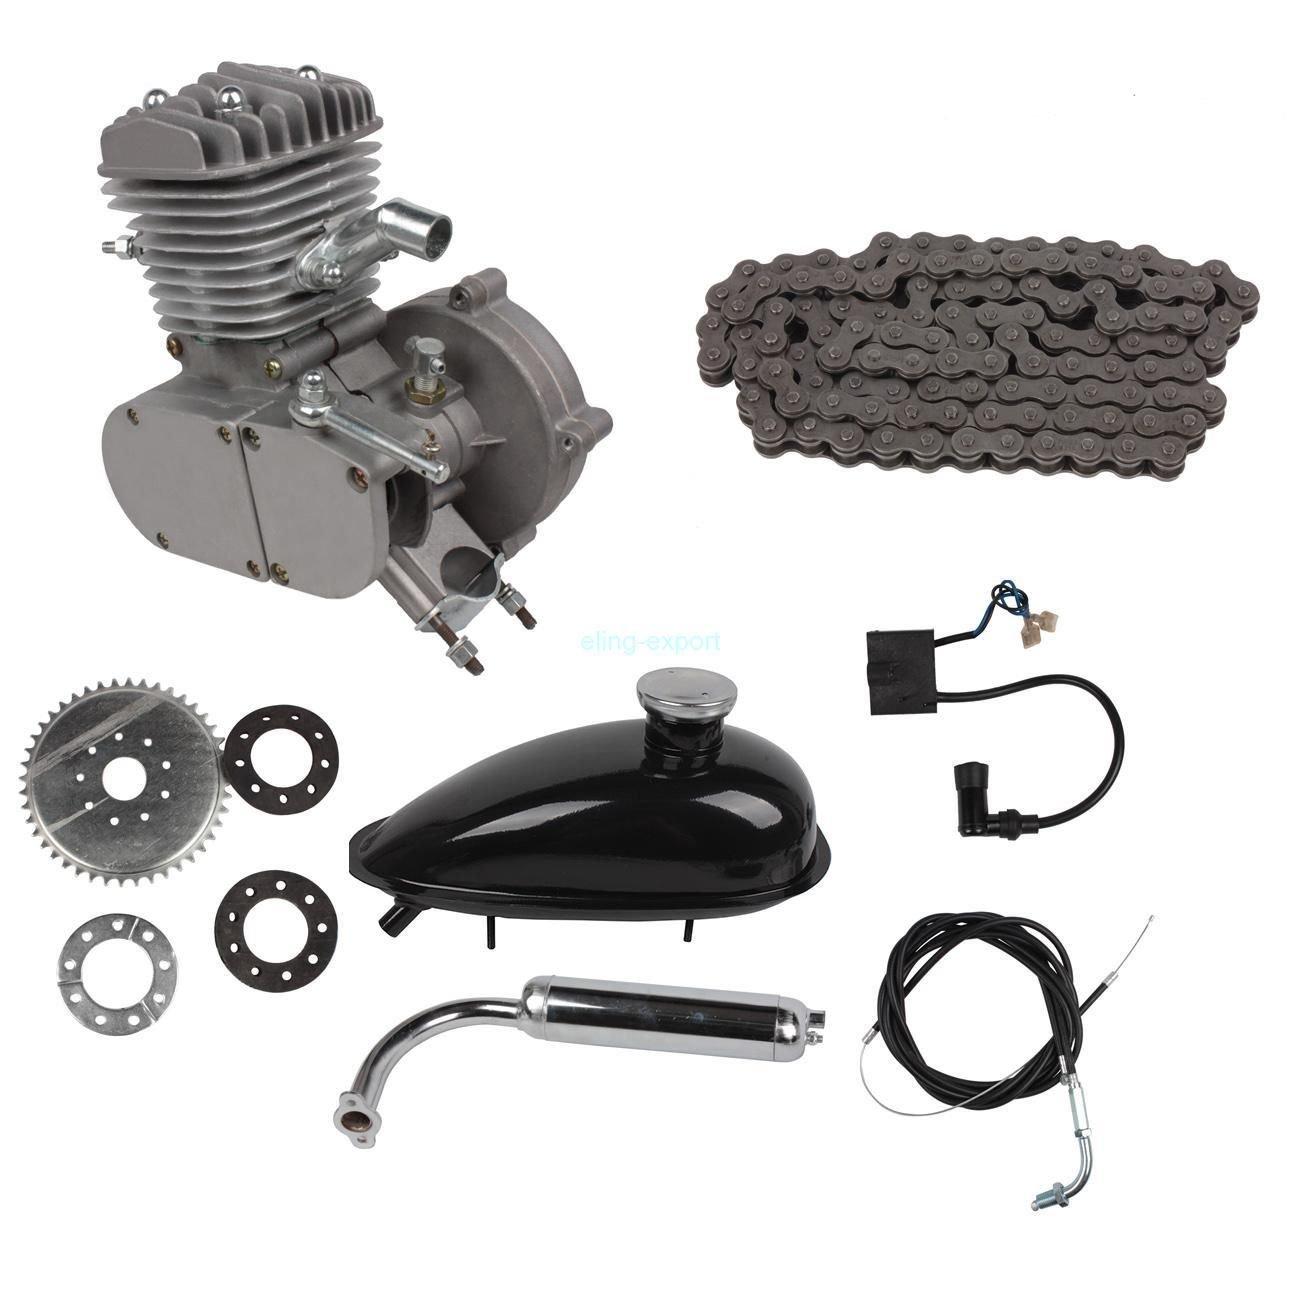 SHUOGOU 80cc 2 Tiempos Ciclo de Pedales Gasolina Motor de gas Motor Juego de motores con Inclinación de ángulo Cabeza de Inclinación para Bicicleta de ...